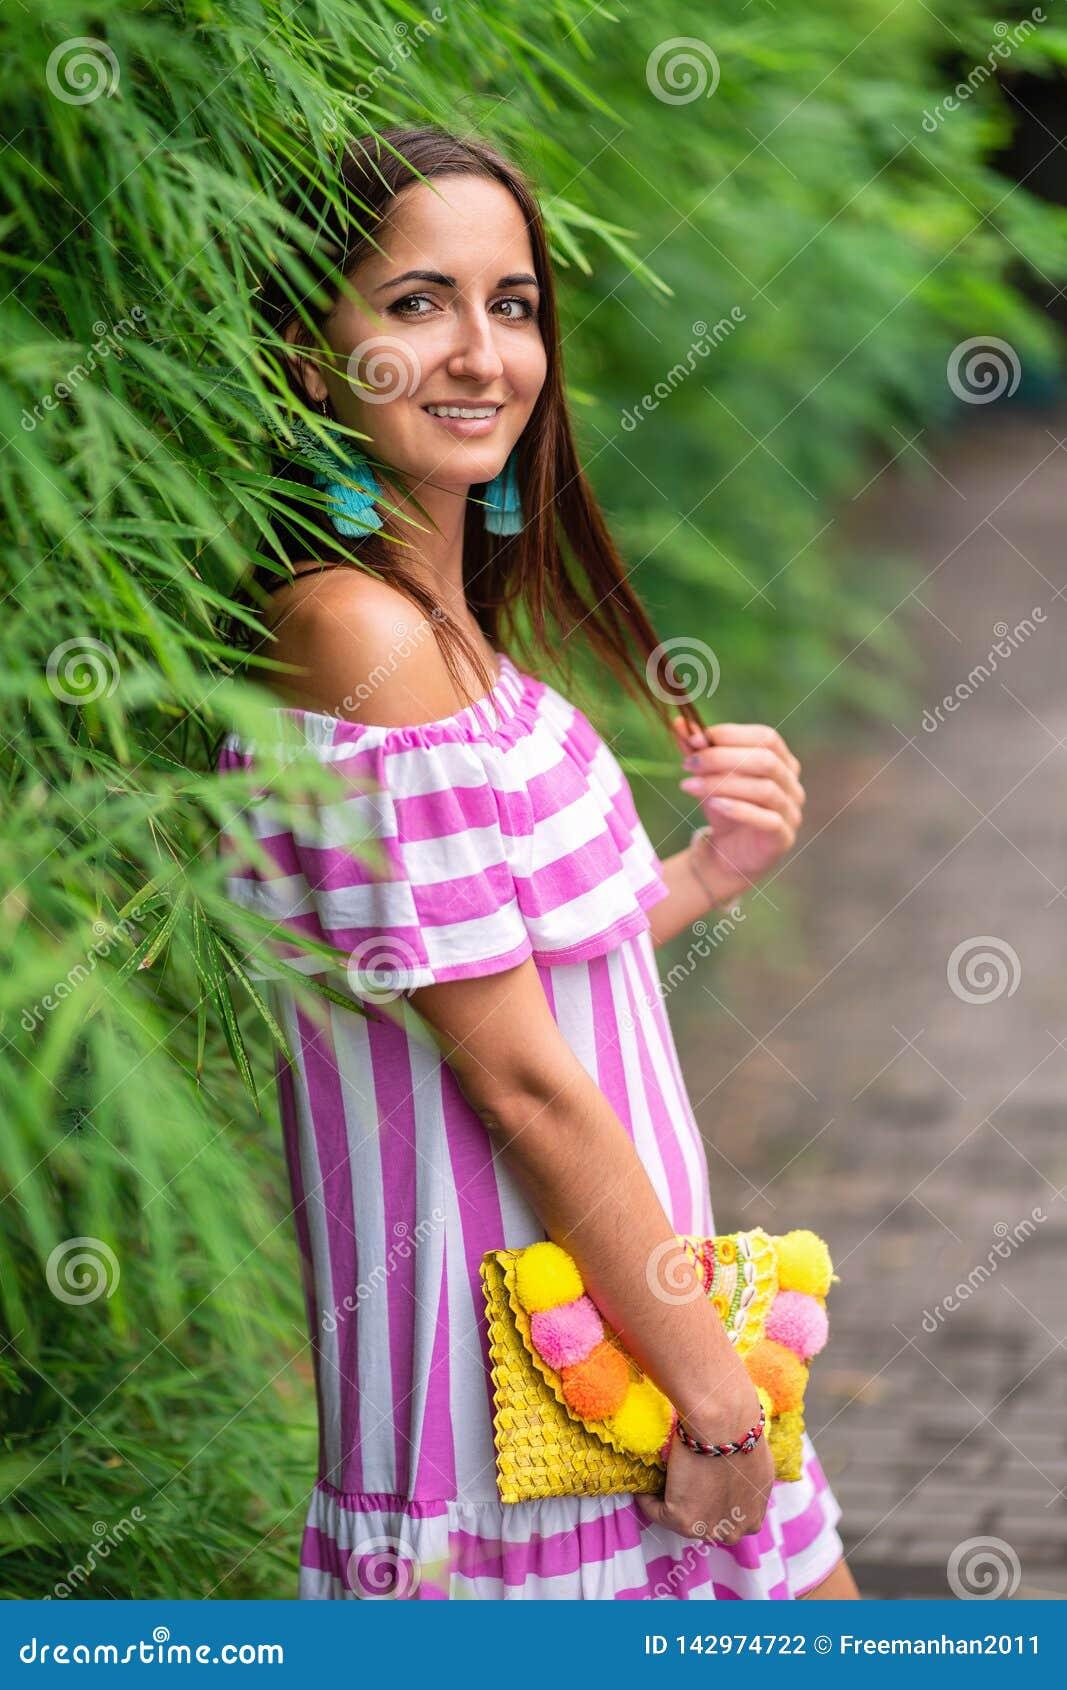 En attraktiv kvinna i en randig klänning och en handväska i hennes händer lutade mot ett grönt staket